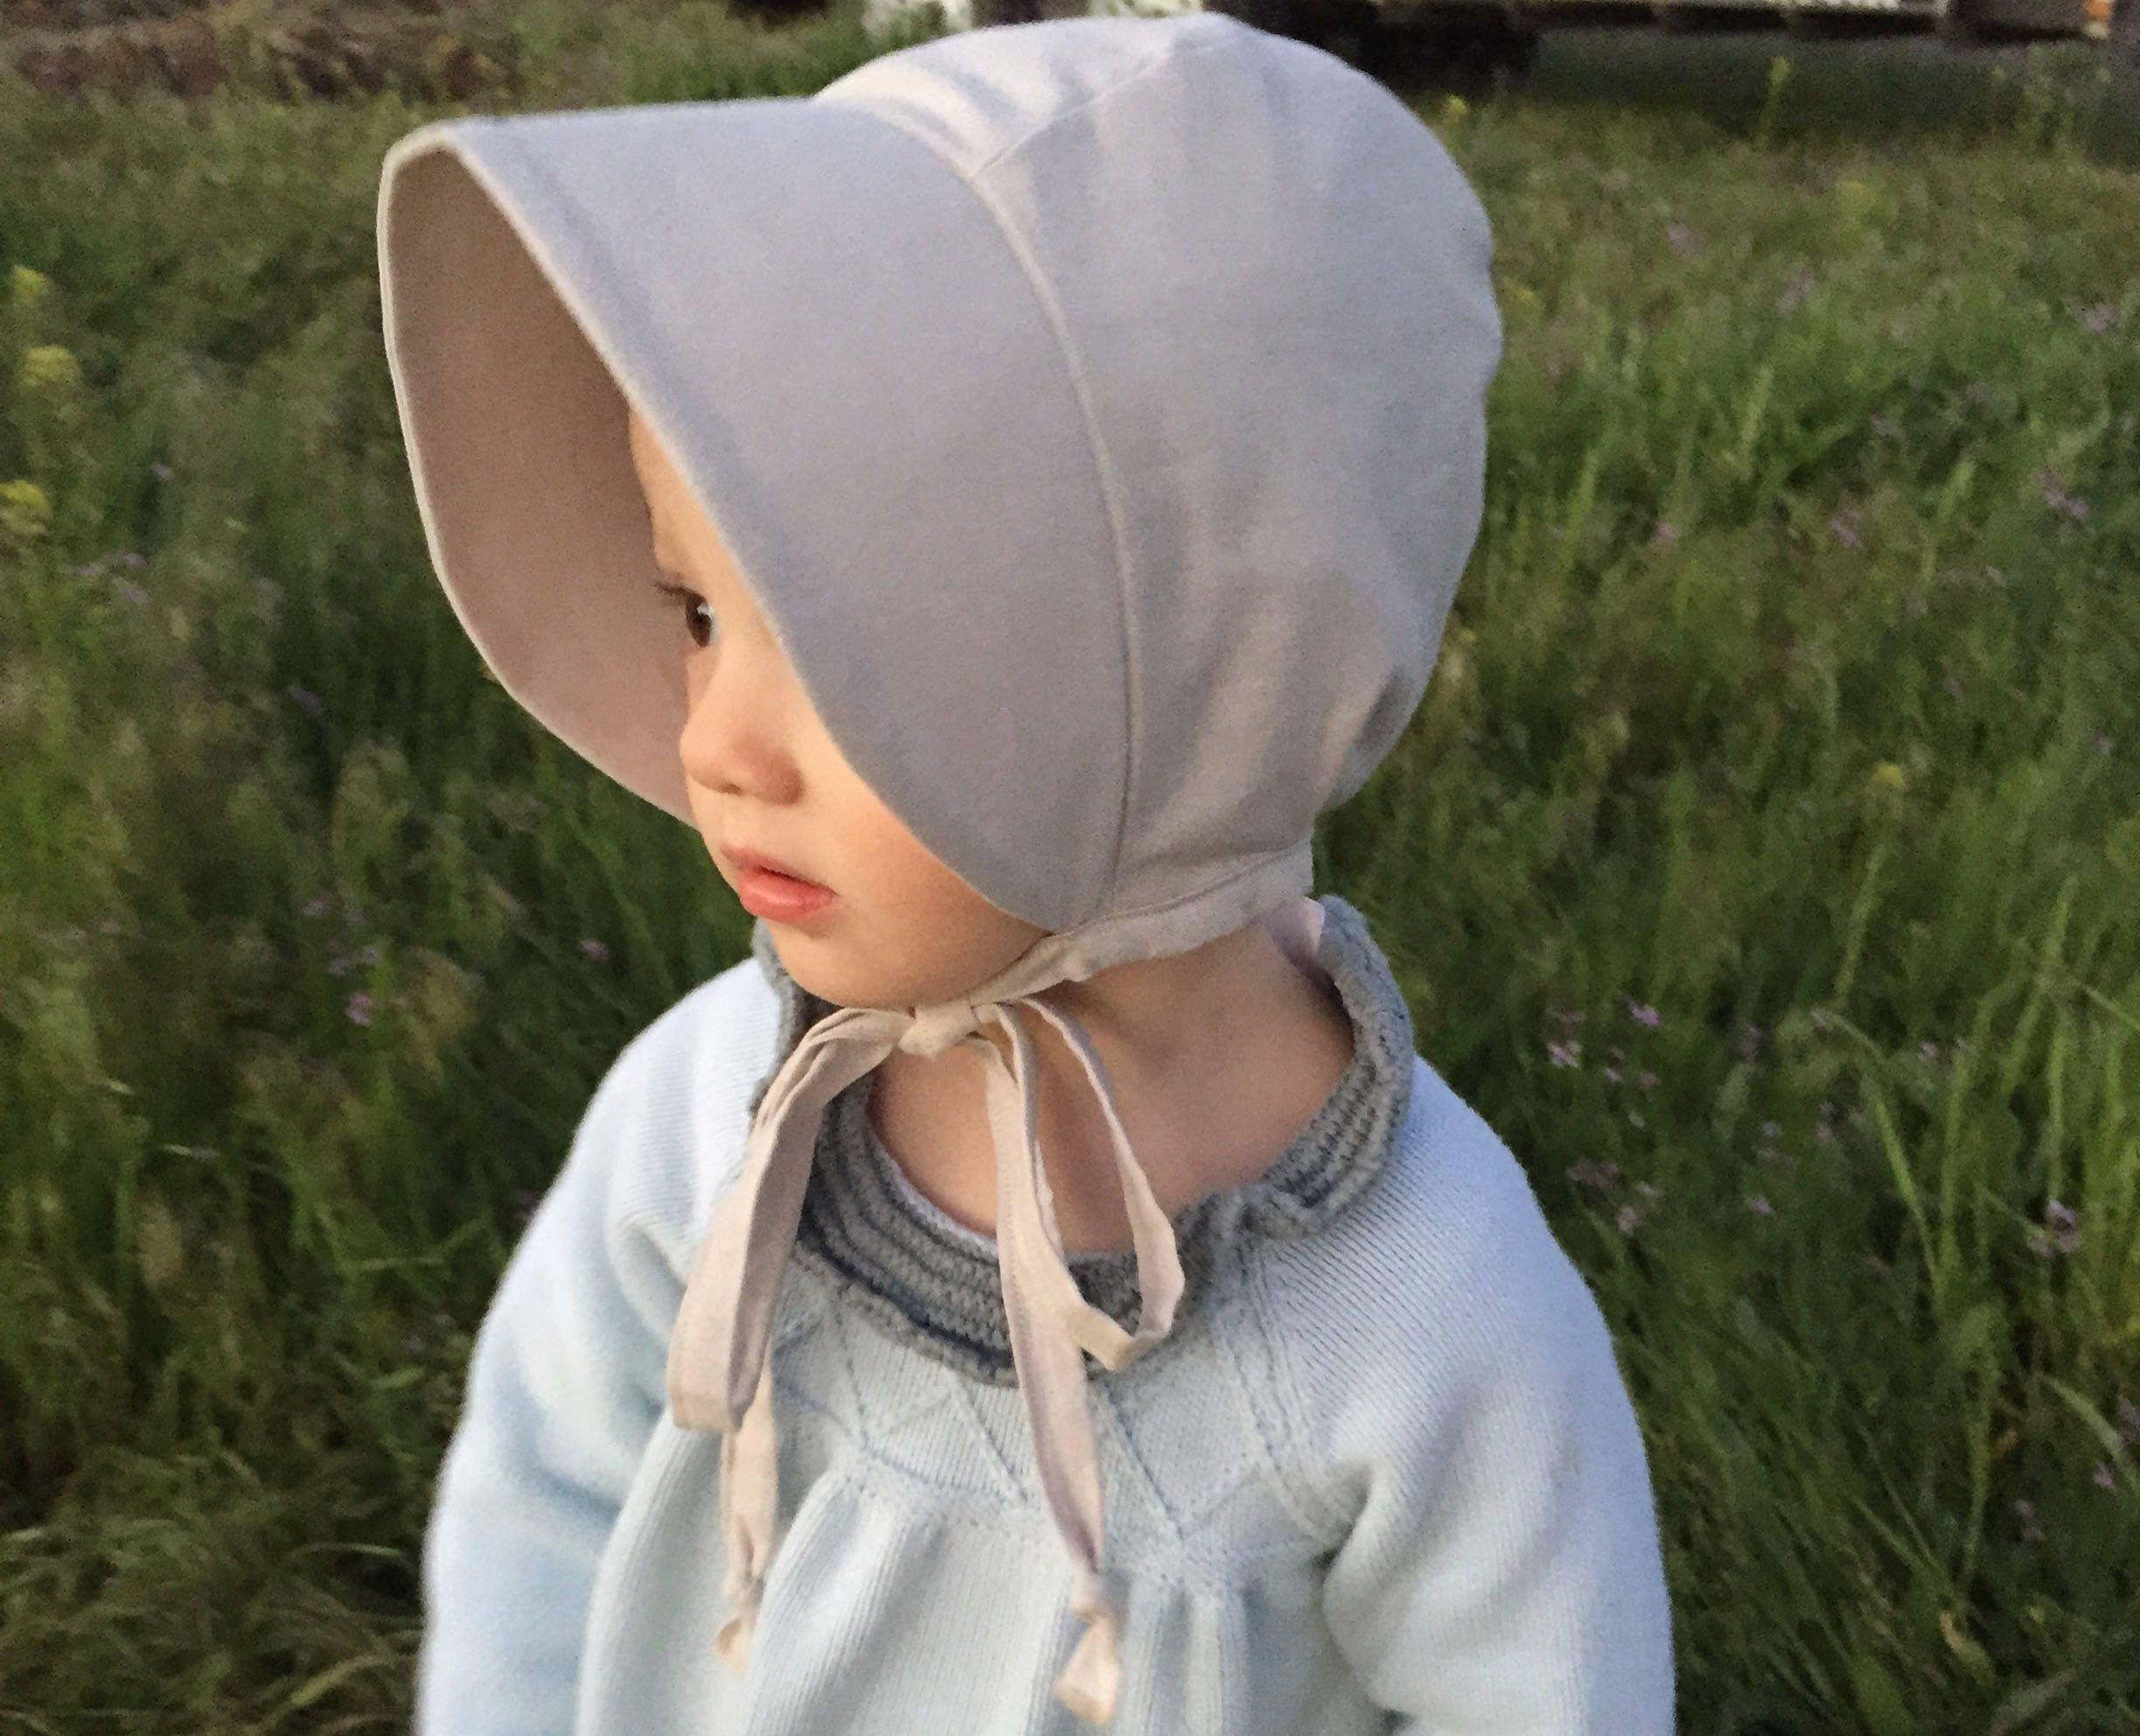 9-12 month bonnet baby bonnet Christmas bonnet spring bonnet cotton baby bonnet baby sun bonnet reversible bonnet sun bonnet